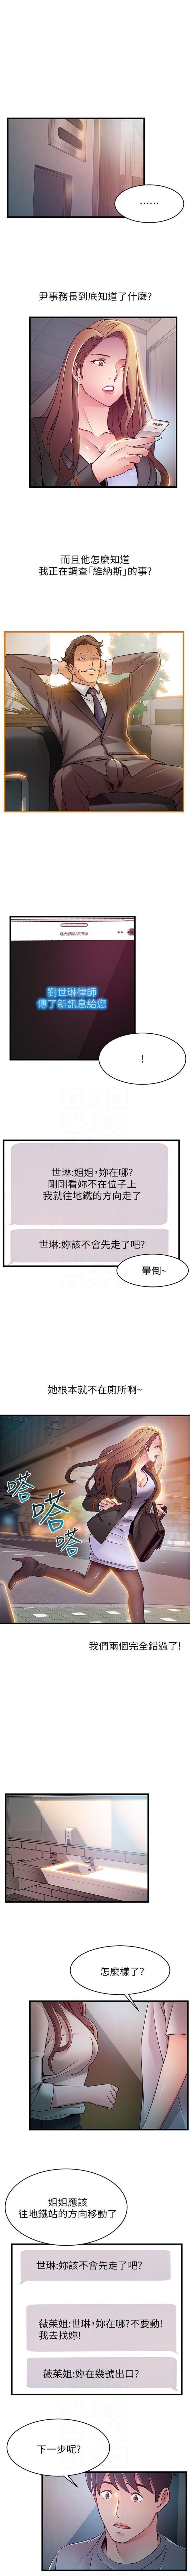 弱点 1-64 中文翻译(更新中) 280